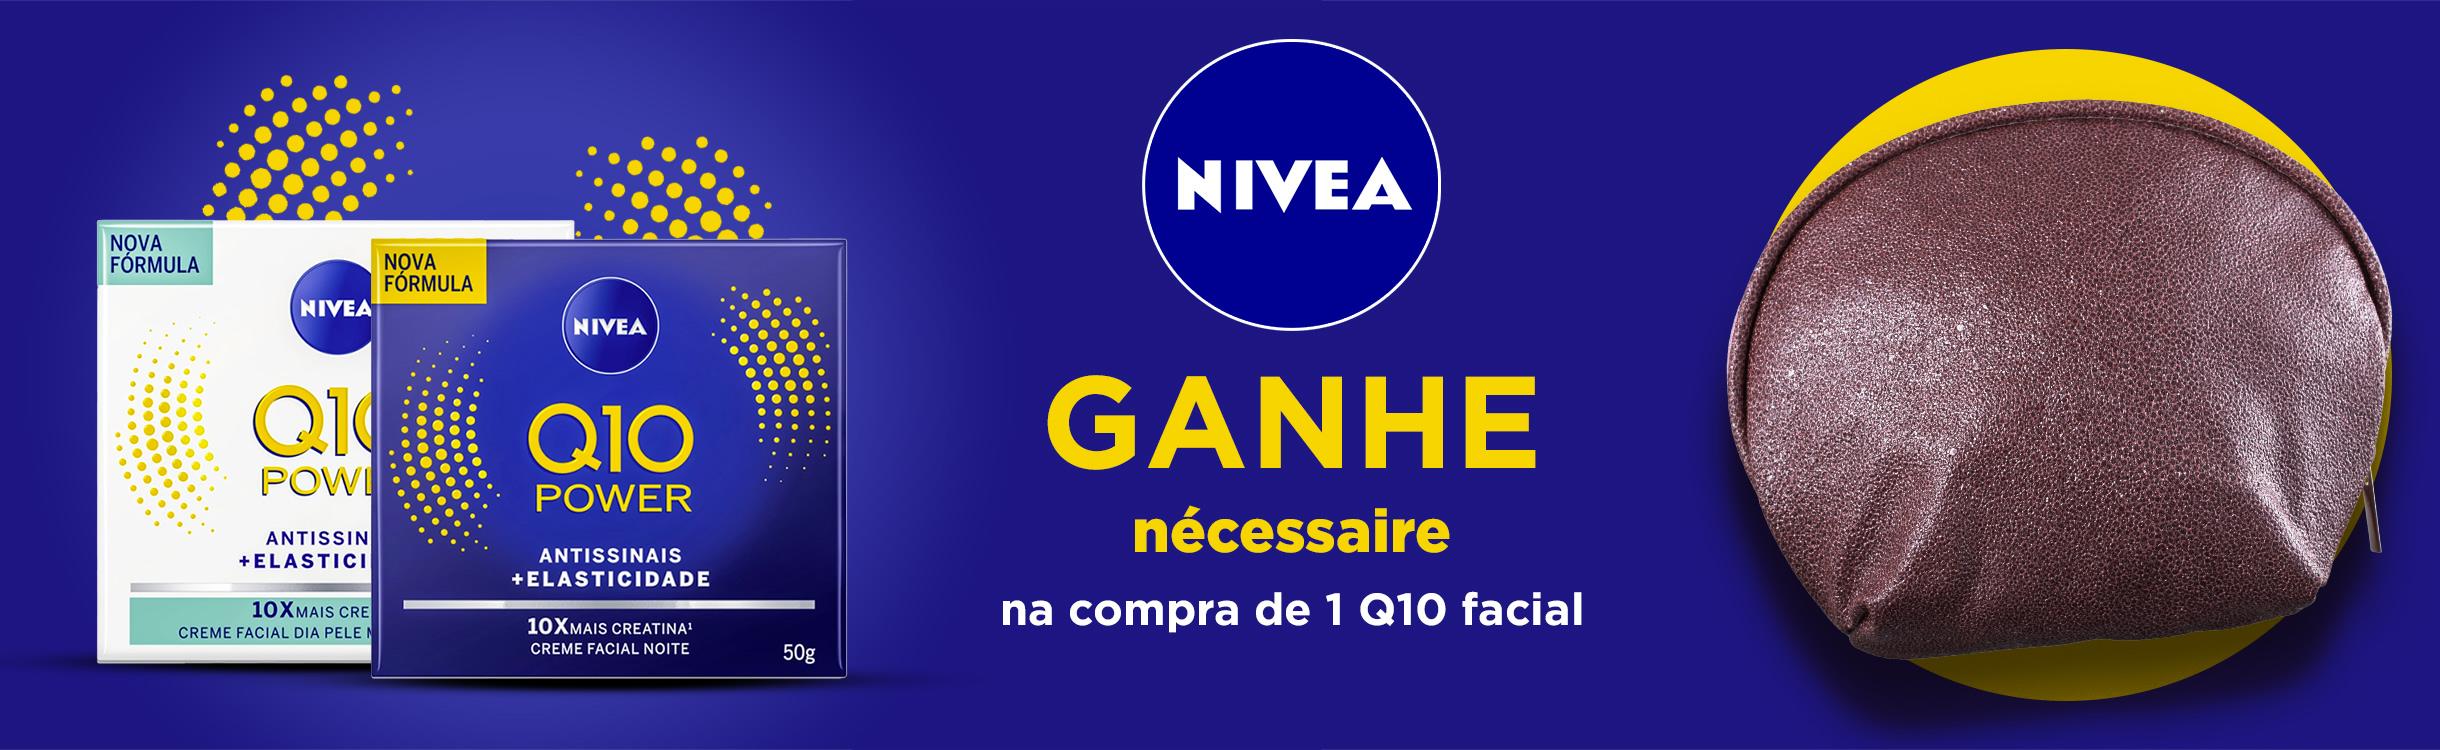 Nivea | Ganhe nécessaire na compra de 1 Q10